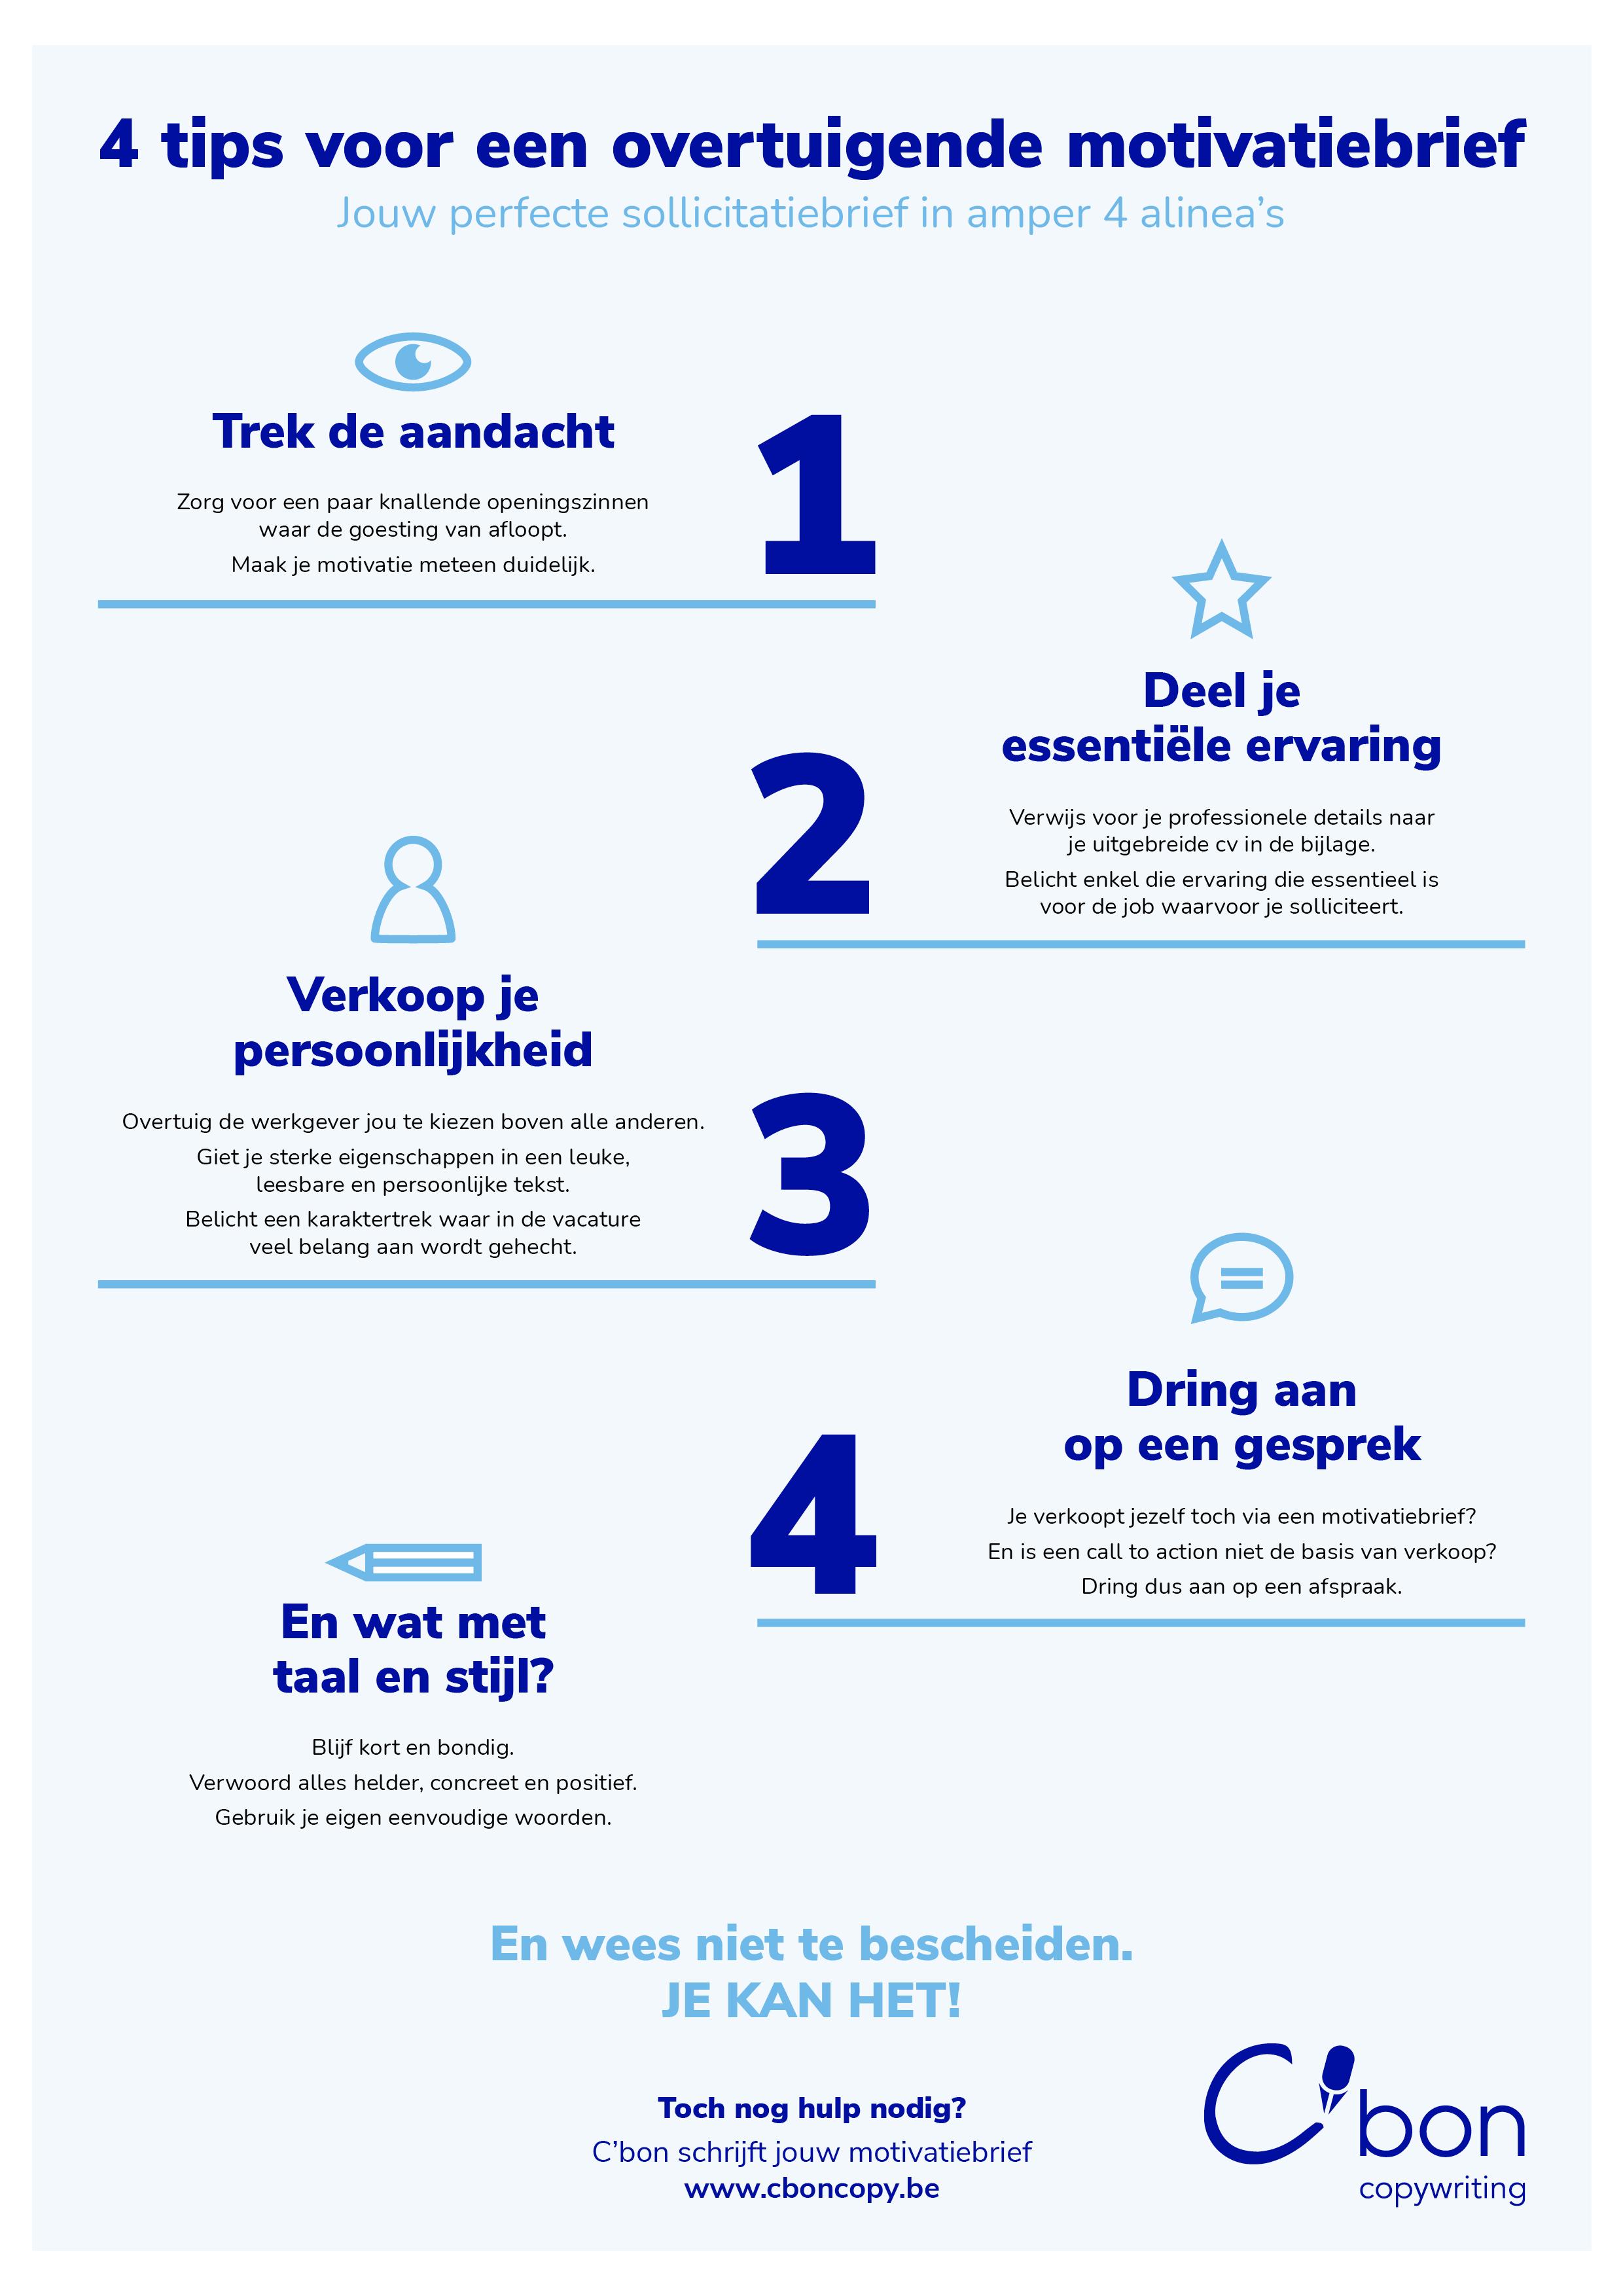 Hoe motivatiebrief opstellen? 4 concrete tips in een infografiek.